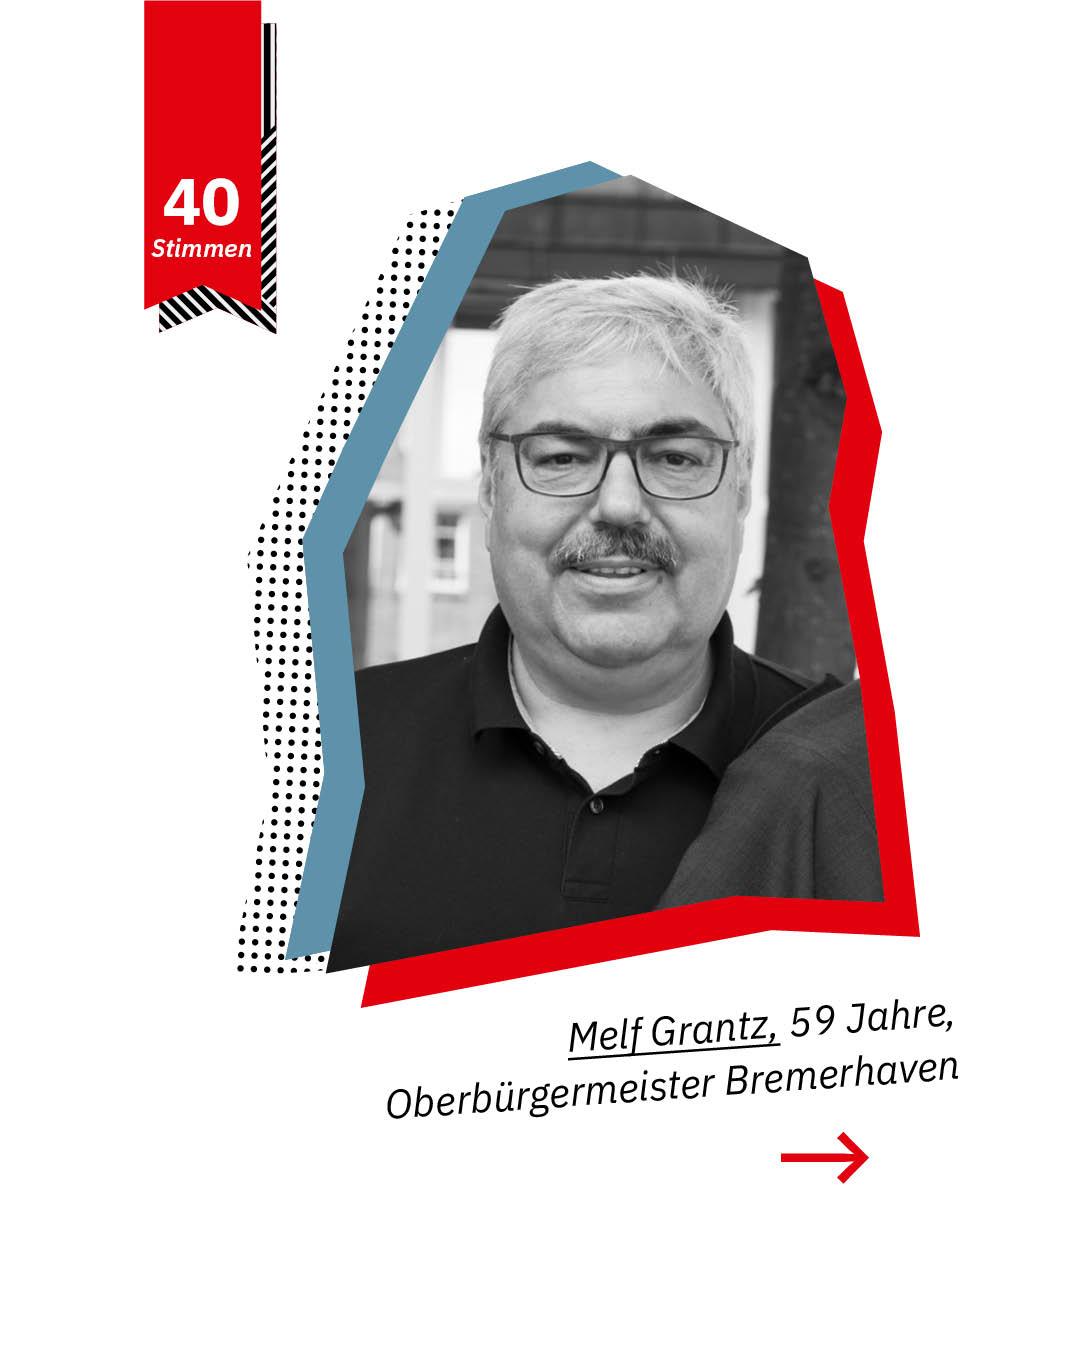 Statement 40 Jahre Gleichberechtigung, Melf Grantz, Oberbürgermeister Bremerhaven